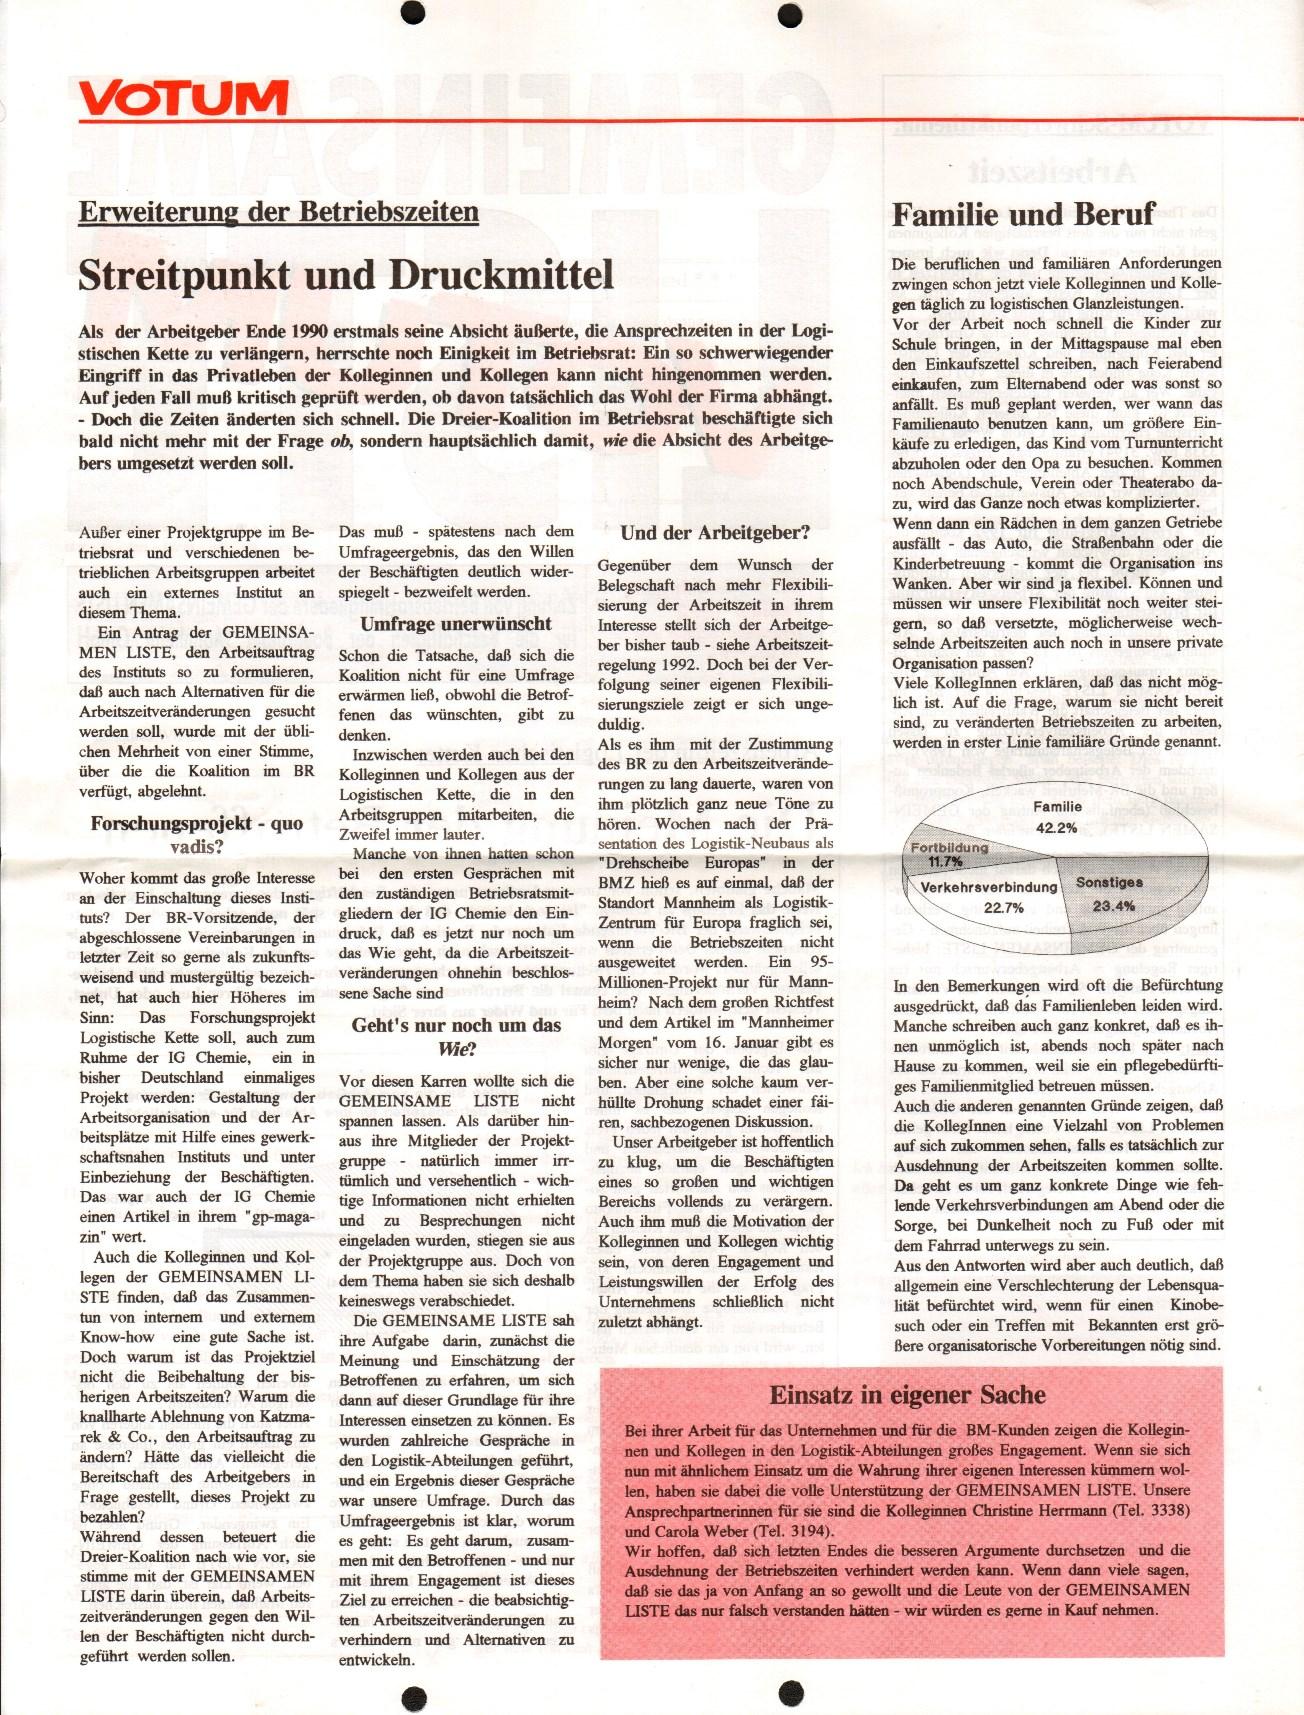 Mannheim_Boehringer_Gemeinsame_Liste_1992_01_02